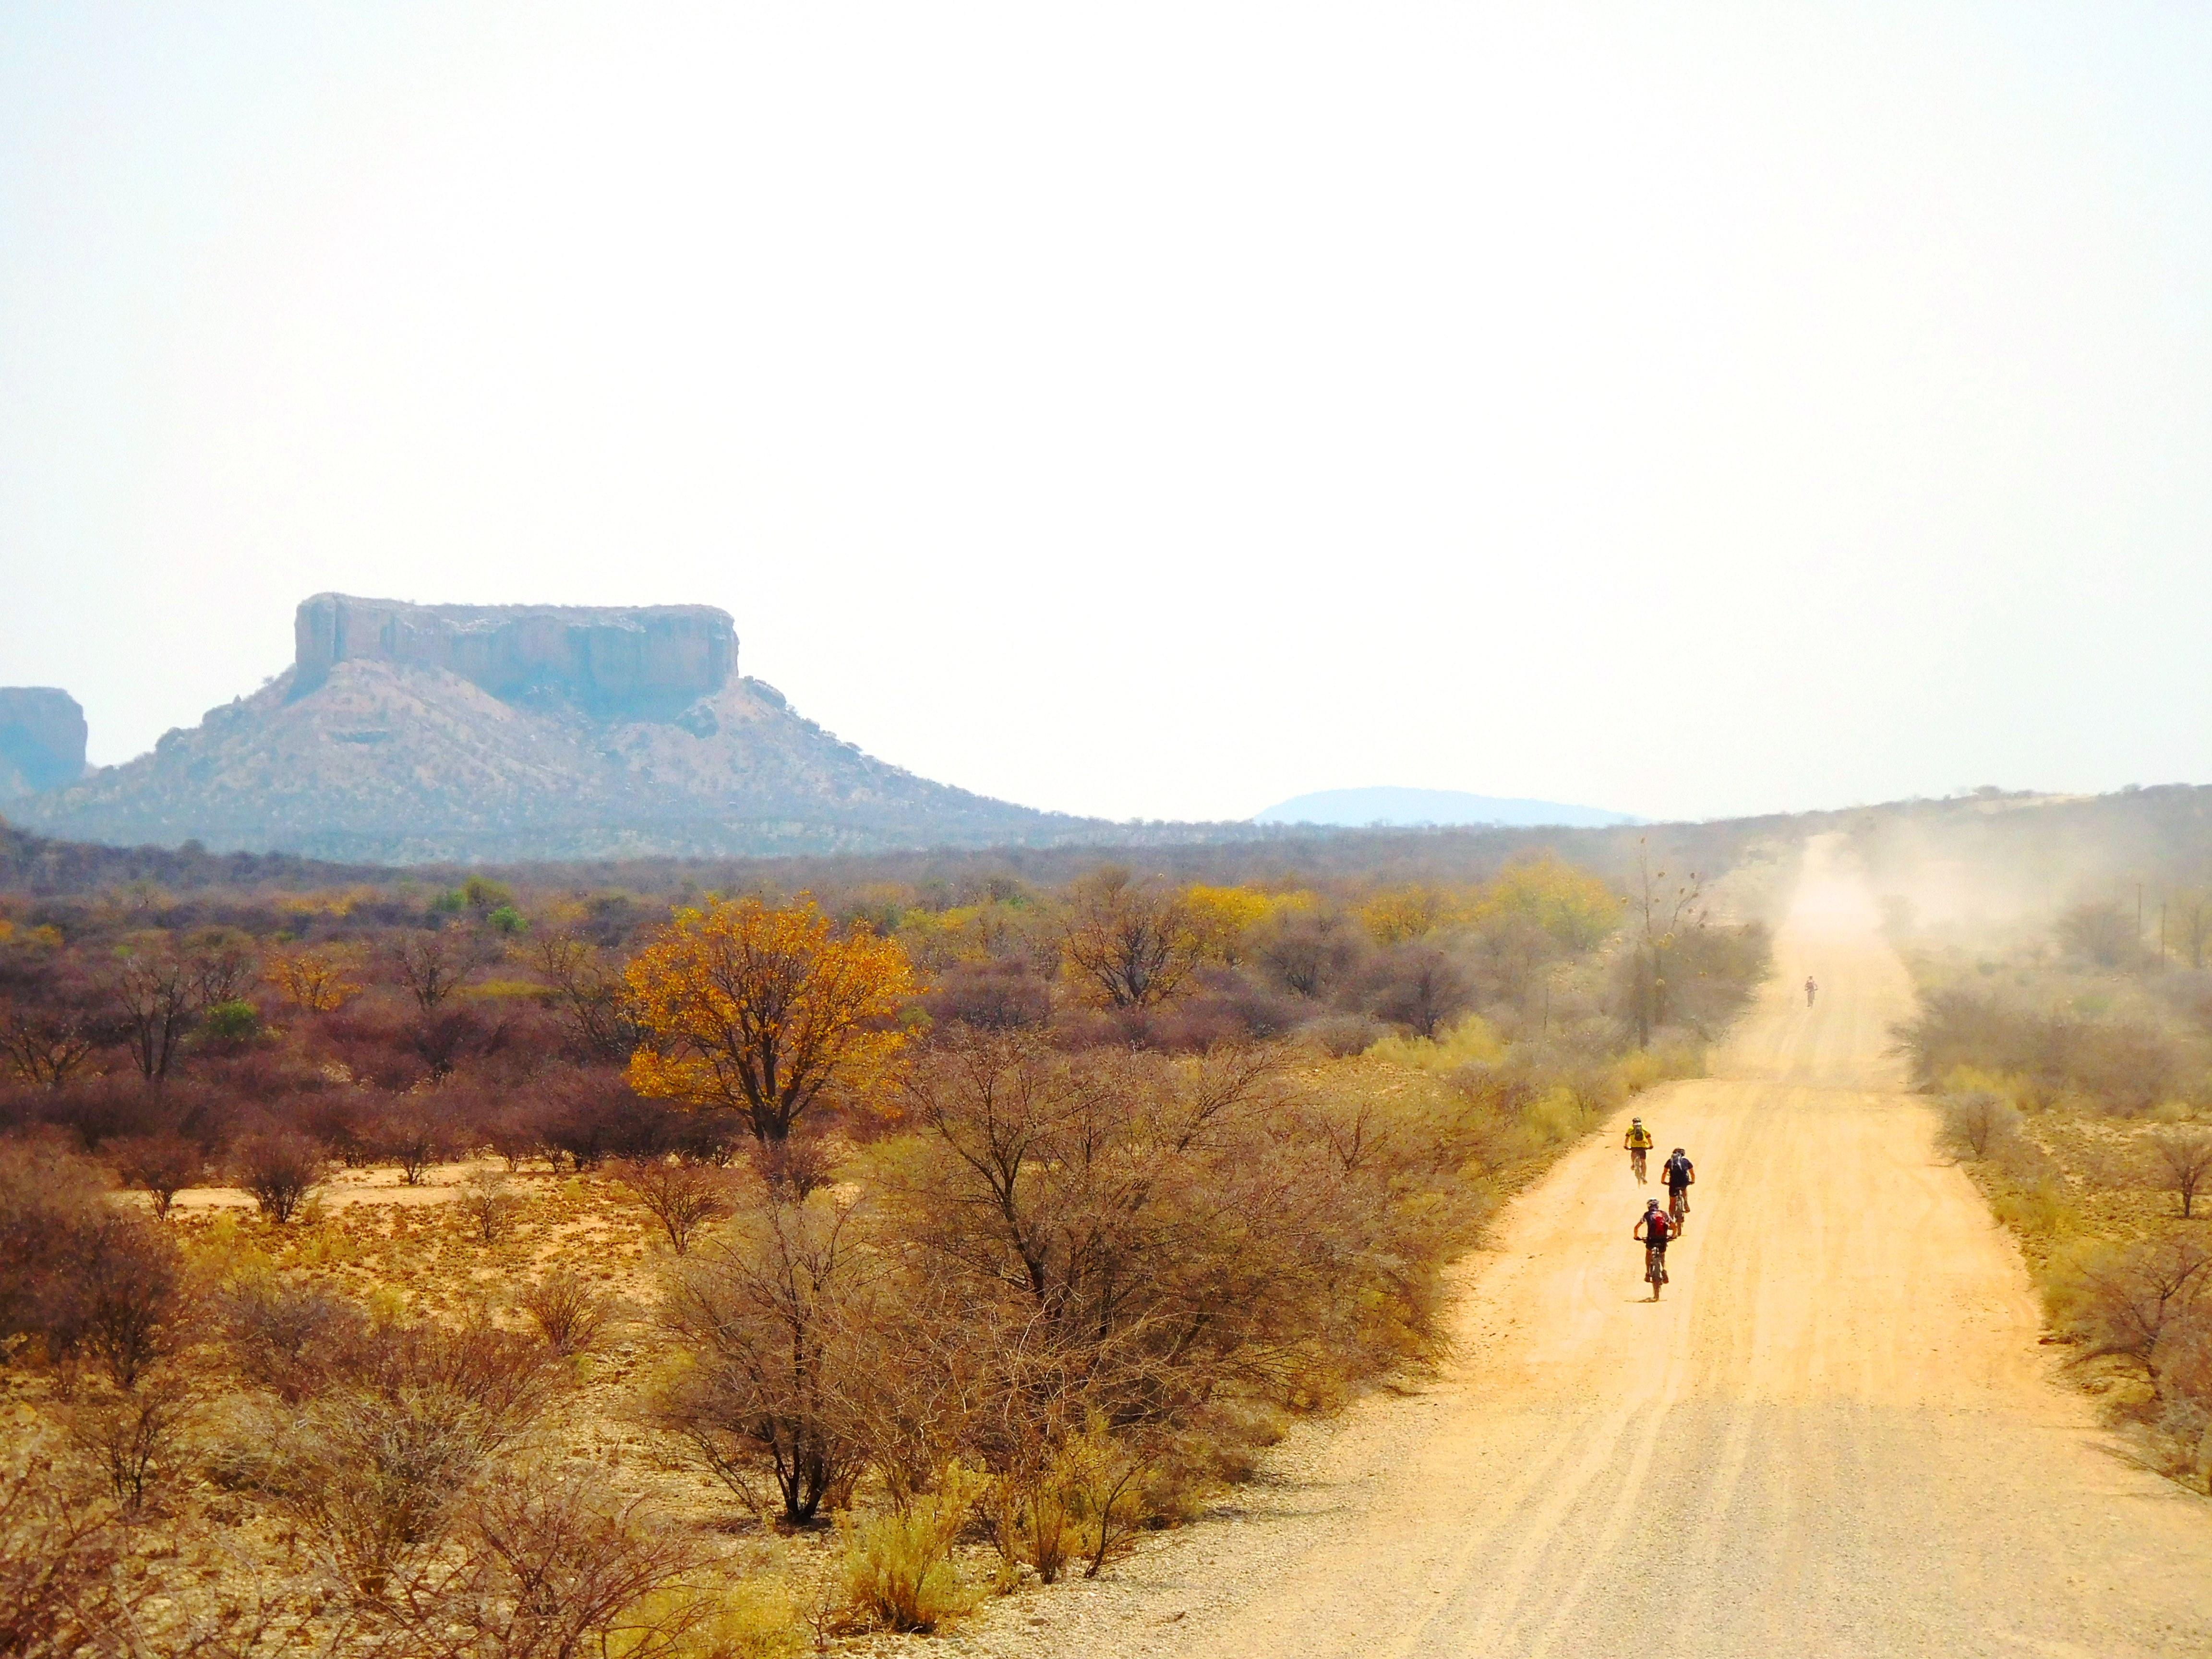 Biker stieben auf einer Sandpiste in Namibia davon